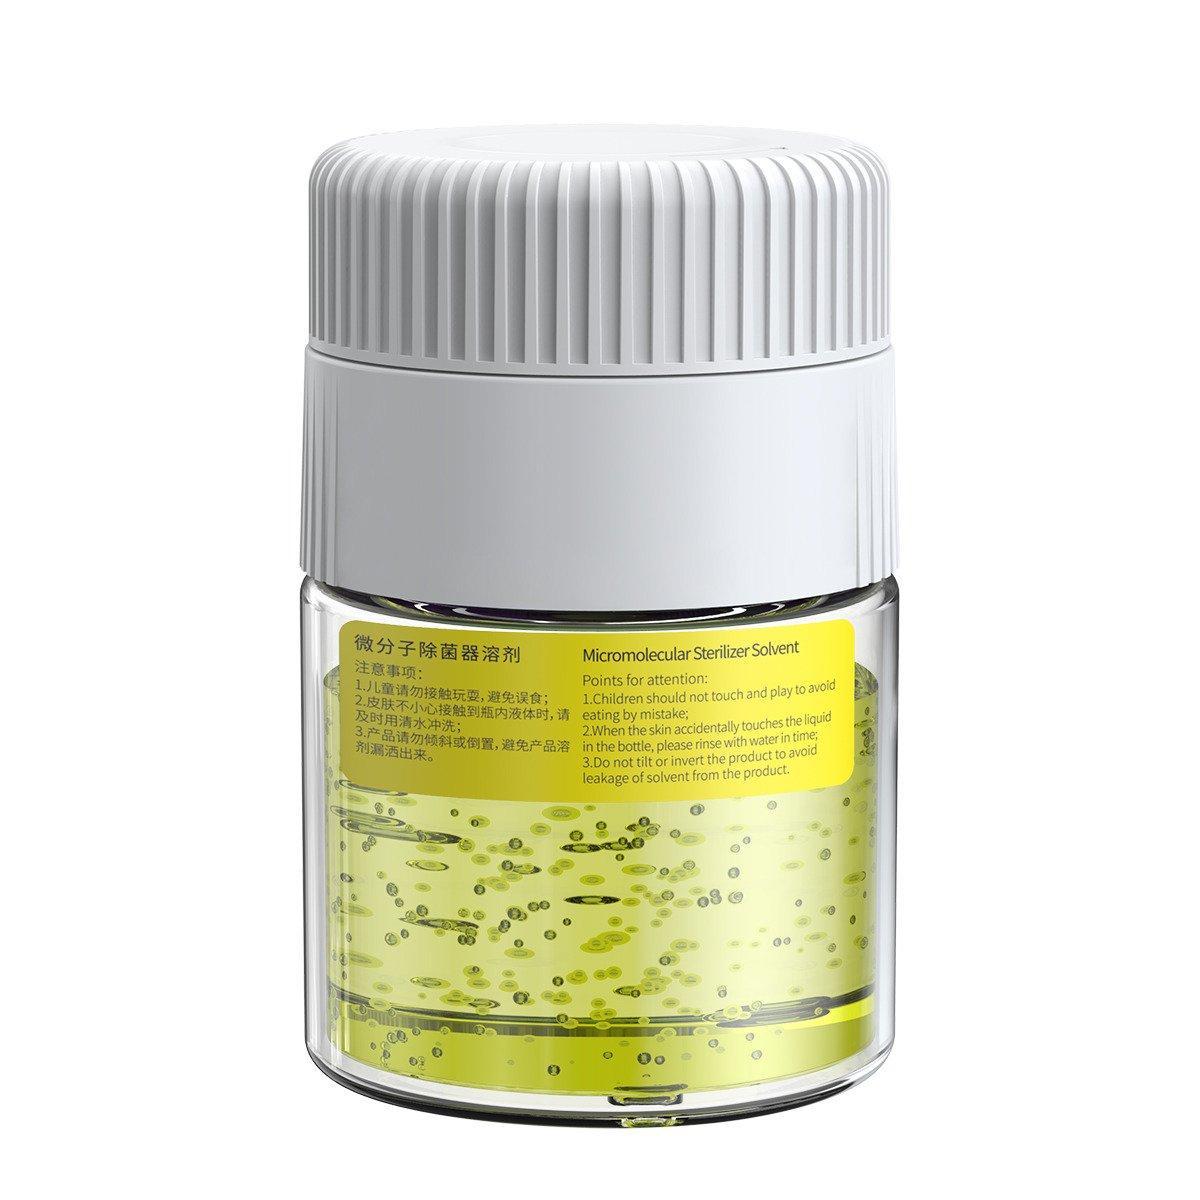 Сменный картридж для очистителя воздуха Baseus Micromolecular Sterilizer Solvent  (CRSJCCJ-0)